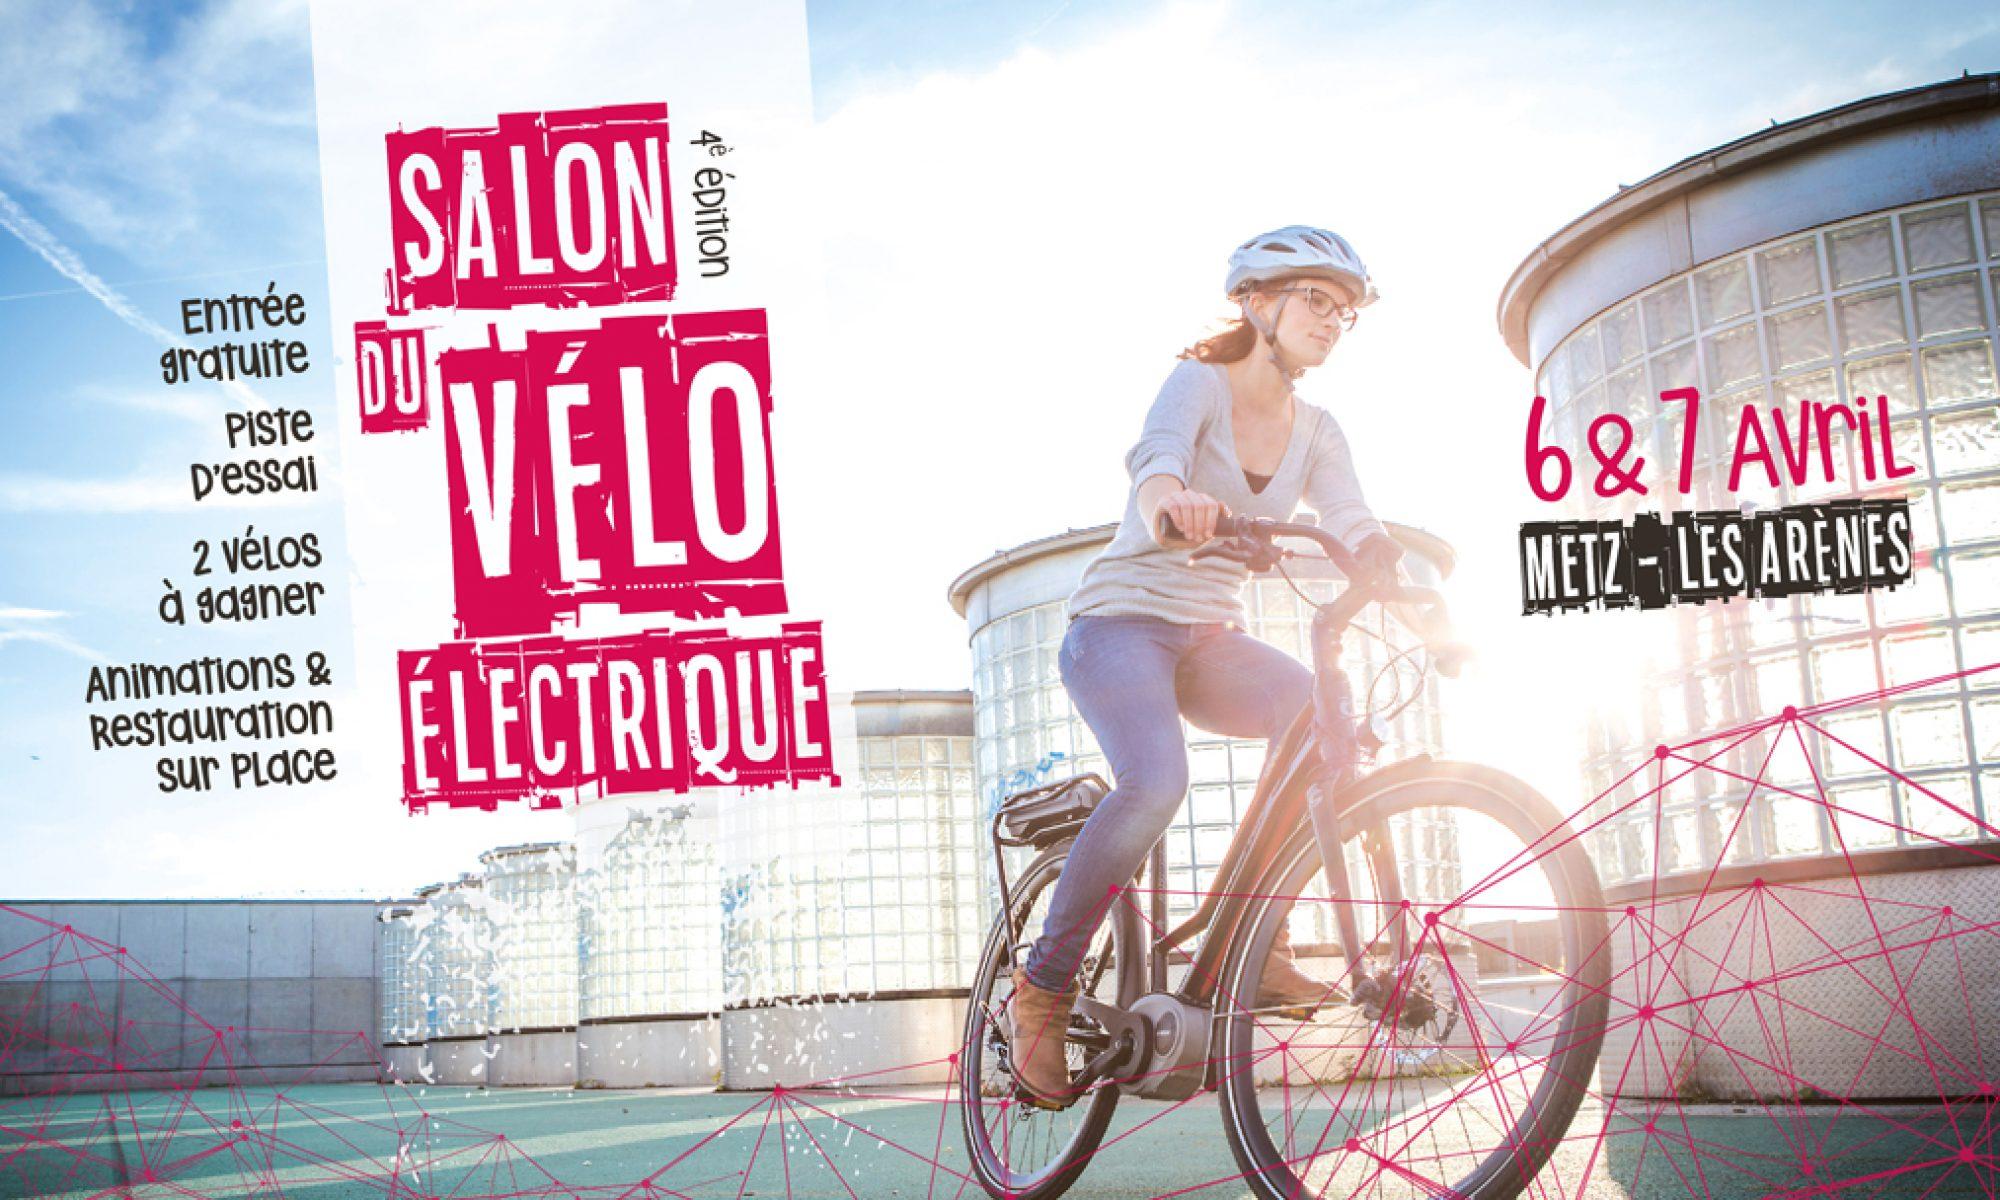 Salon Du Velo Electrique De Metz 2019